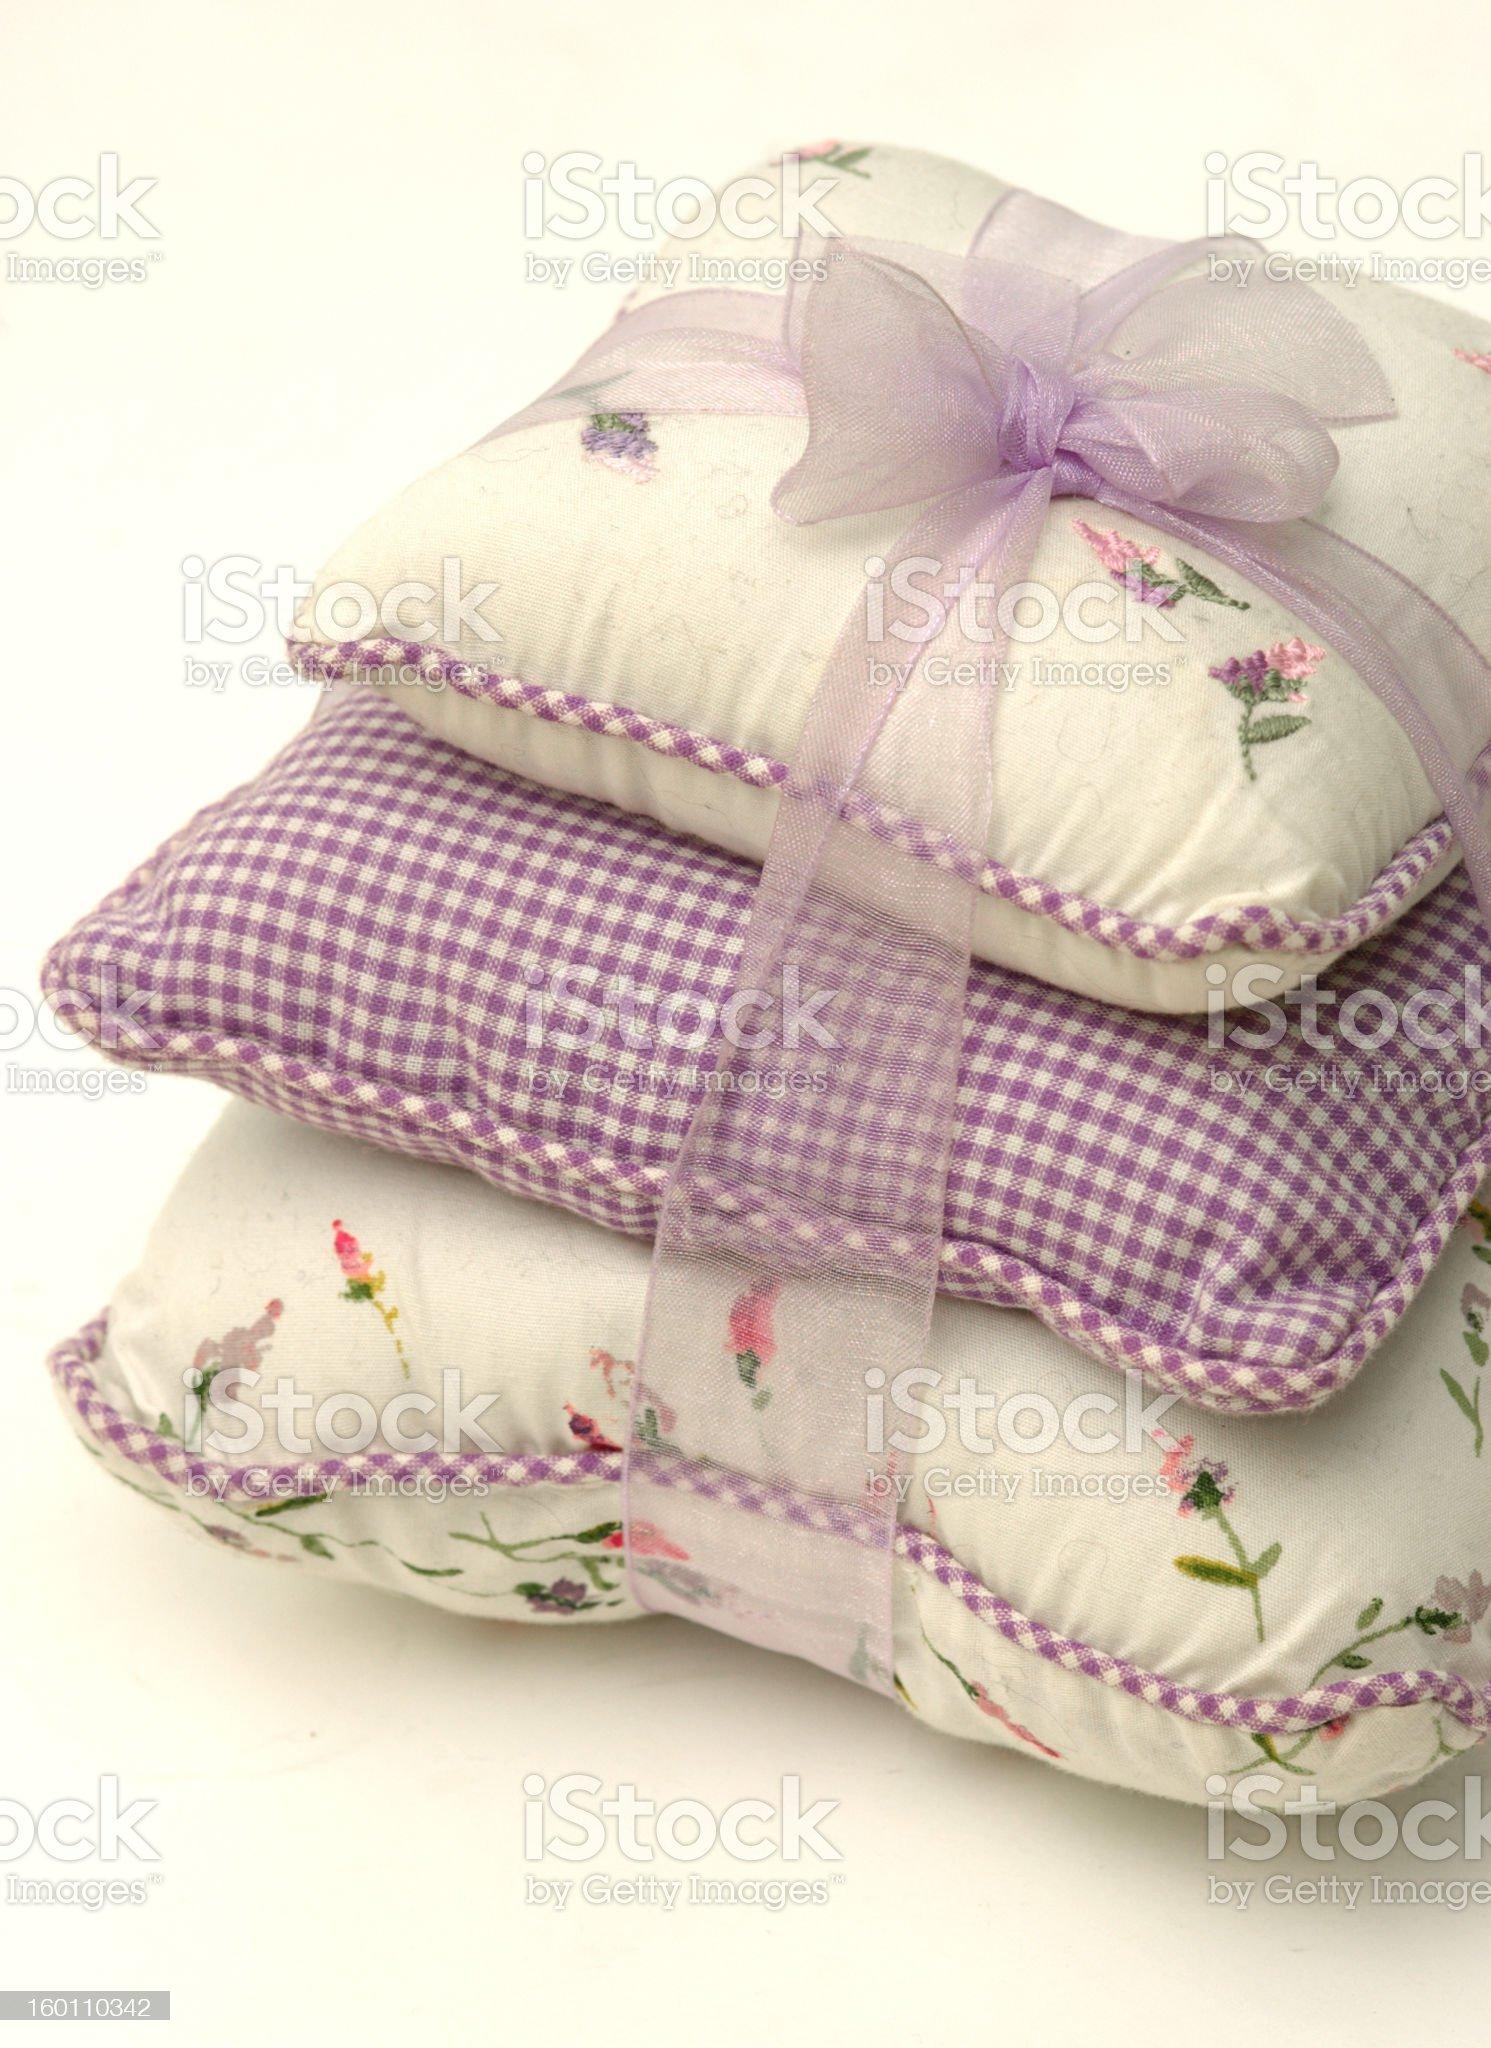 Cushions and Ribbon royalty-free stock photo